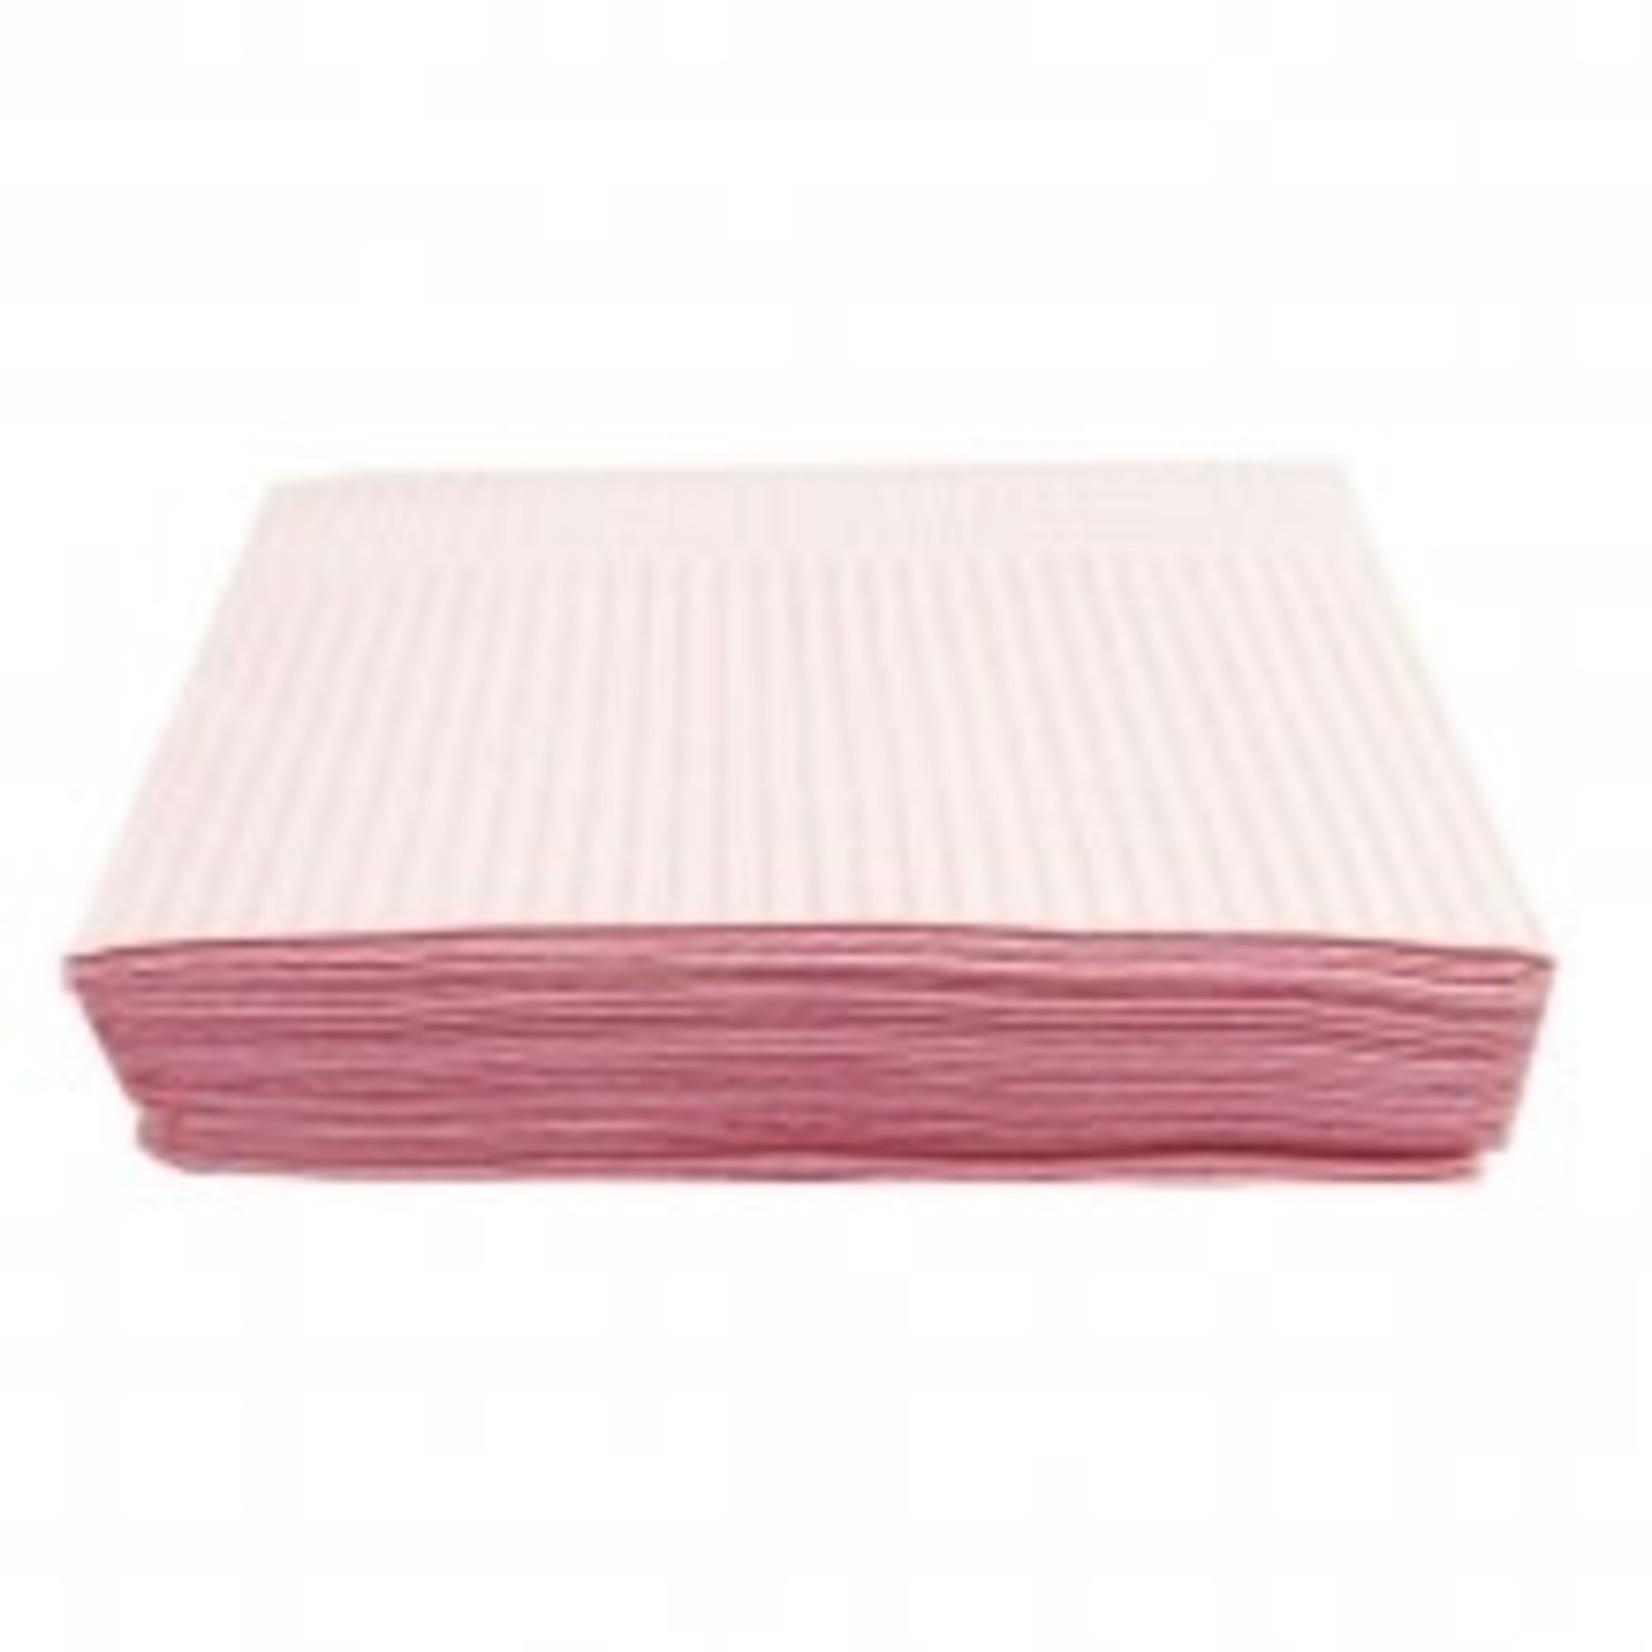 Urban Nails Table Towels 125 stuks Roze